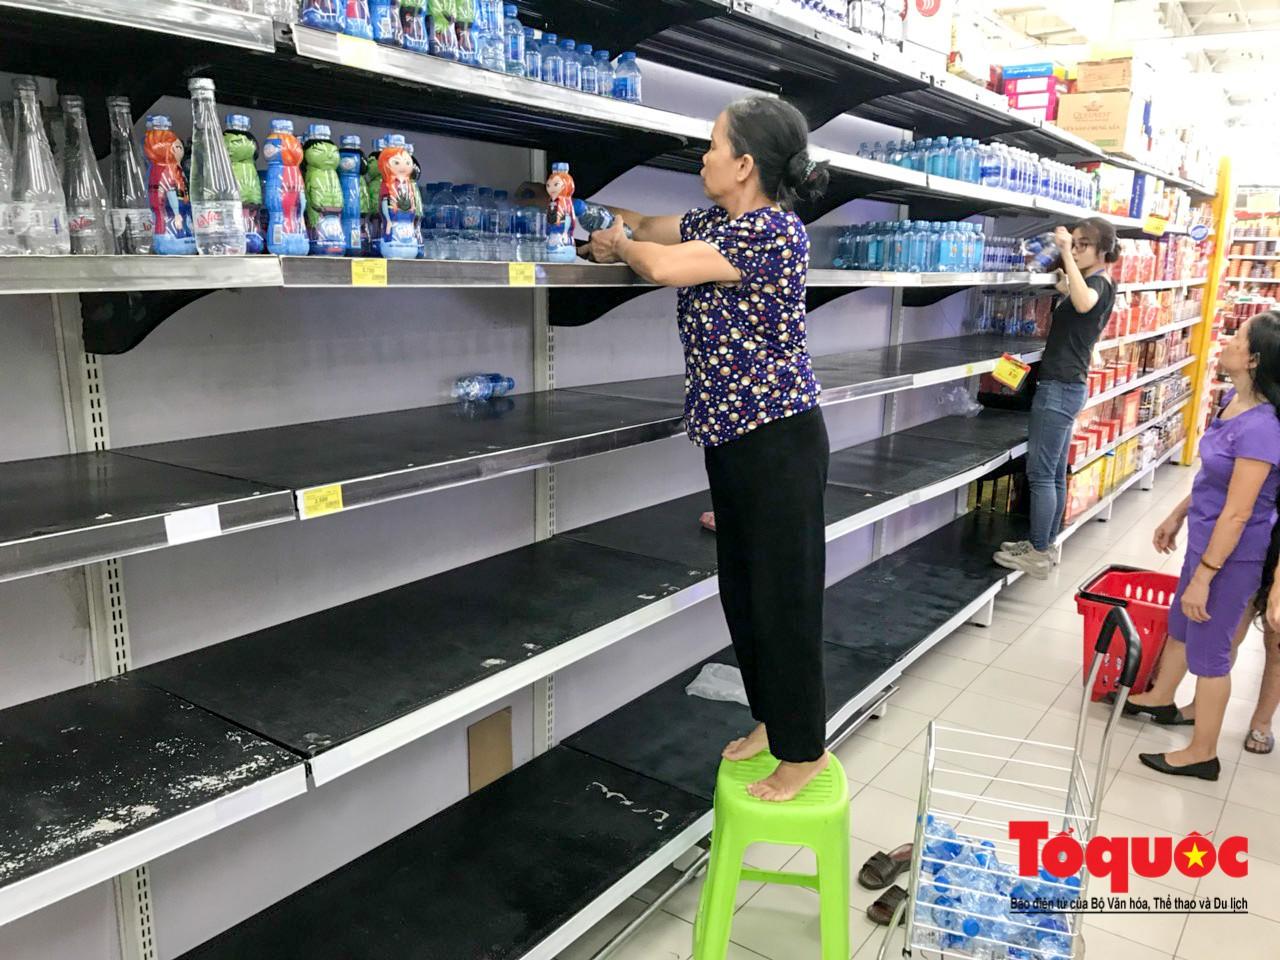 Sợ nước bẩn, người dân đổ xô đến các siêu thi mua nước đóng chai12